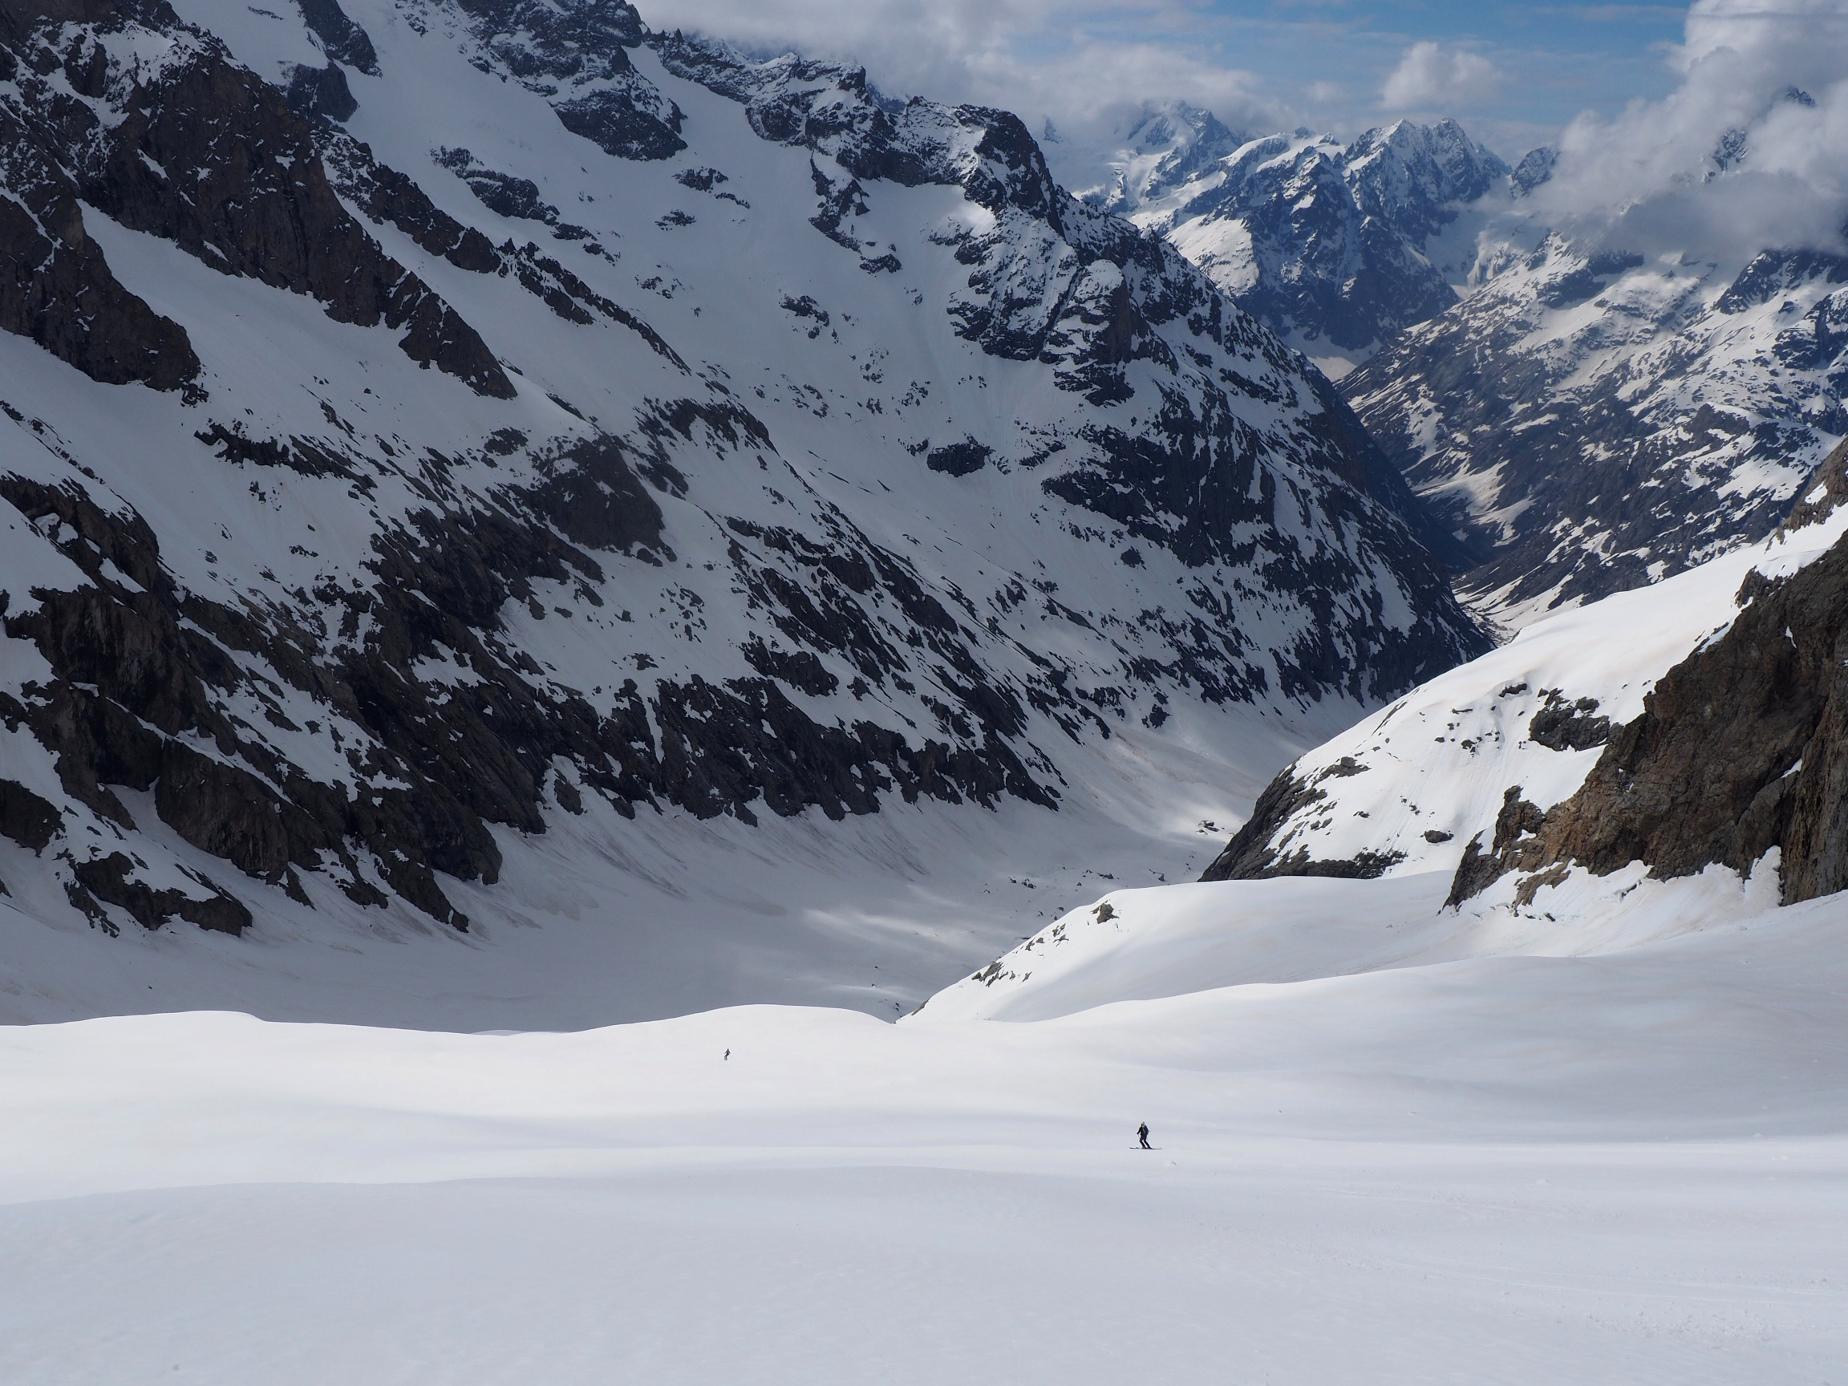 Depuis les pentes Est du Râteau en redescendant vers le Vallon des Etançons: du grand ski dans un cadre magique !